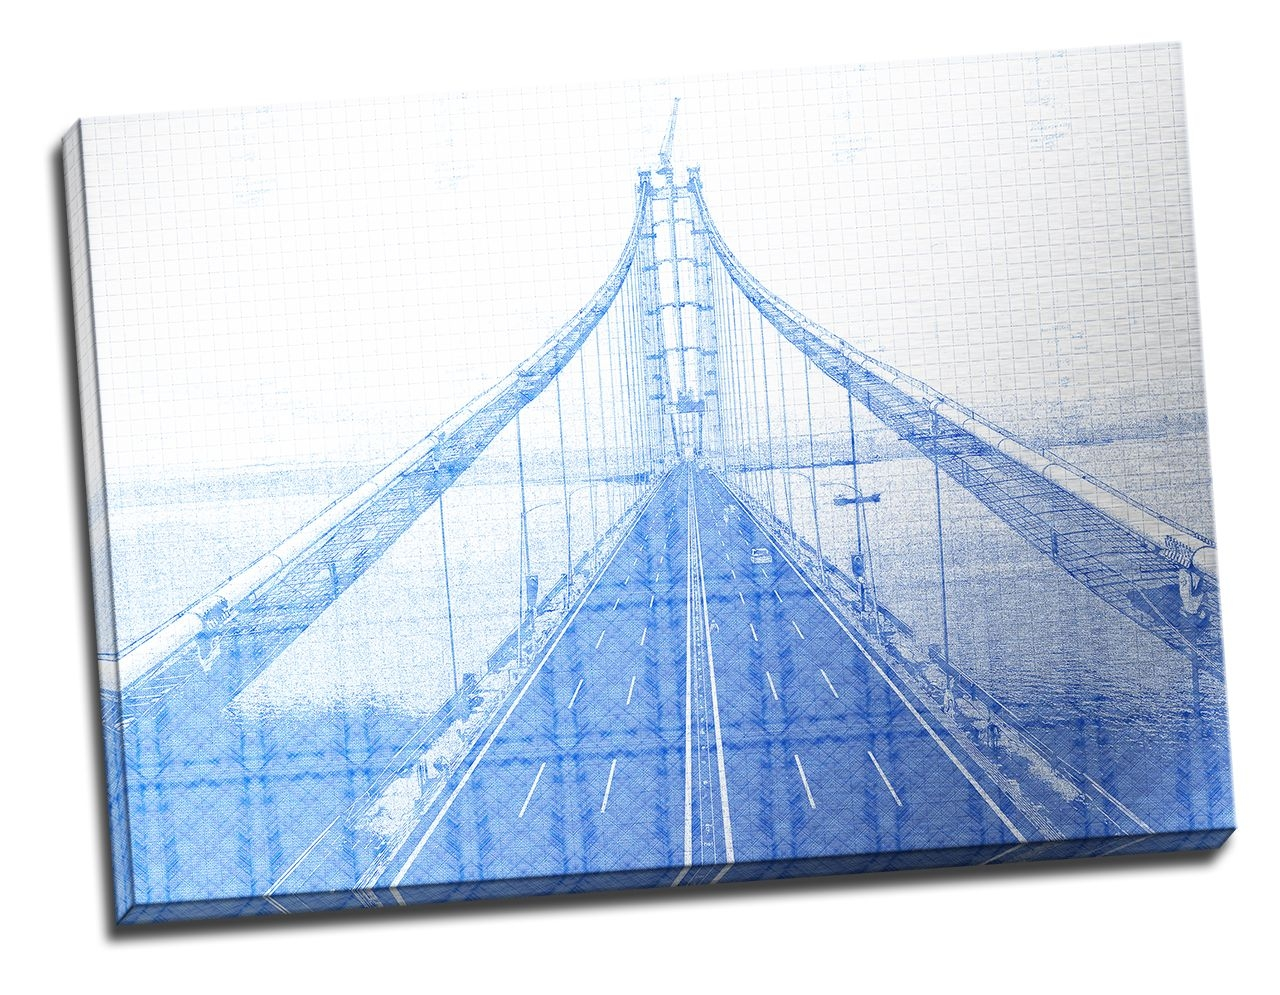 Tablou din aluminiu striat Blue Bridge